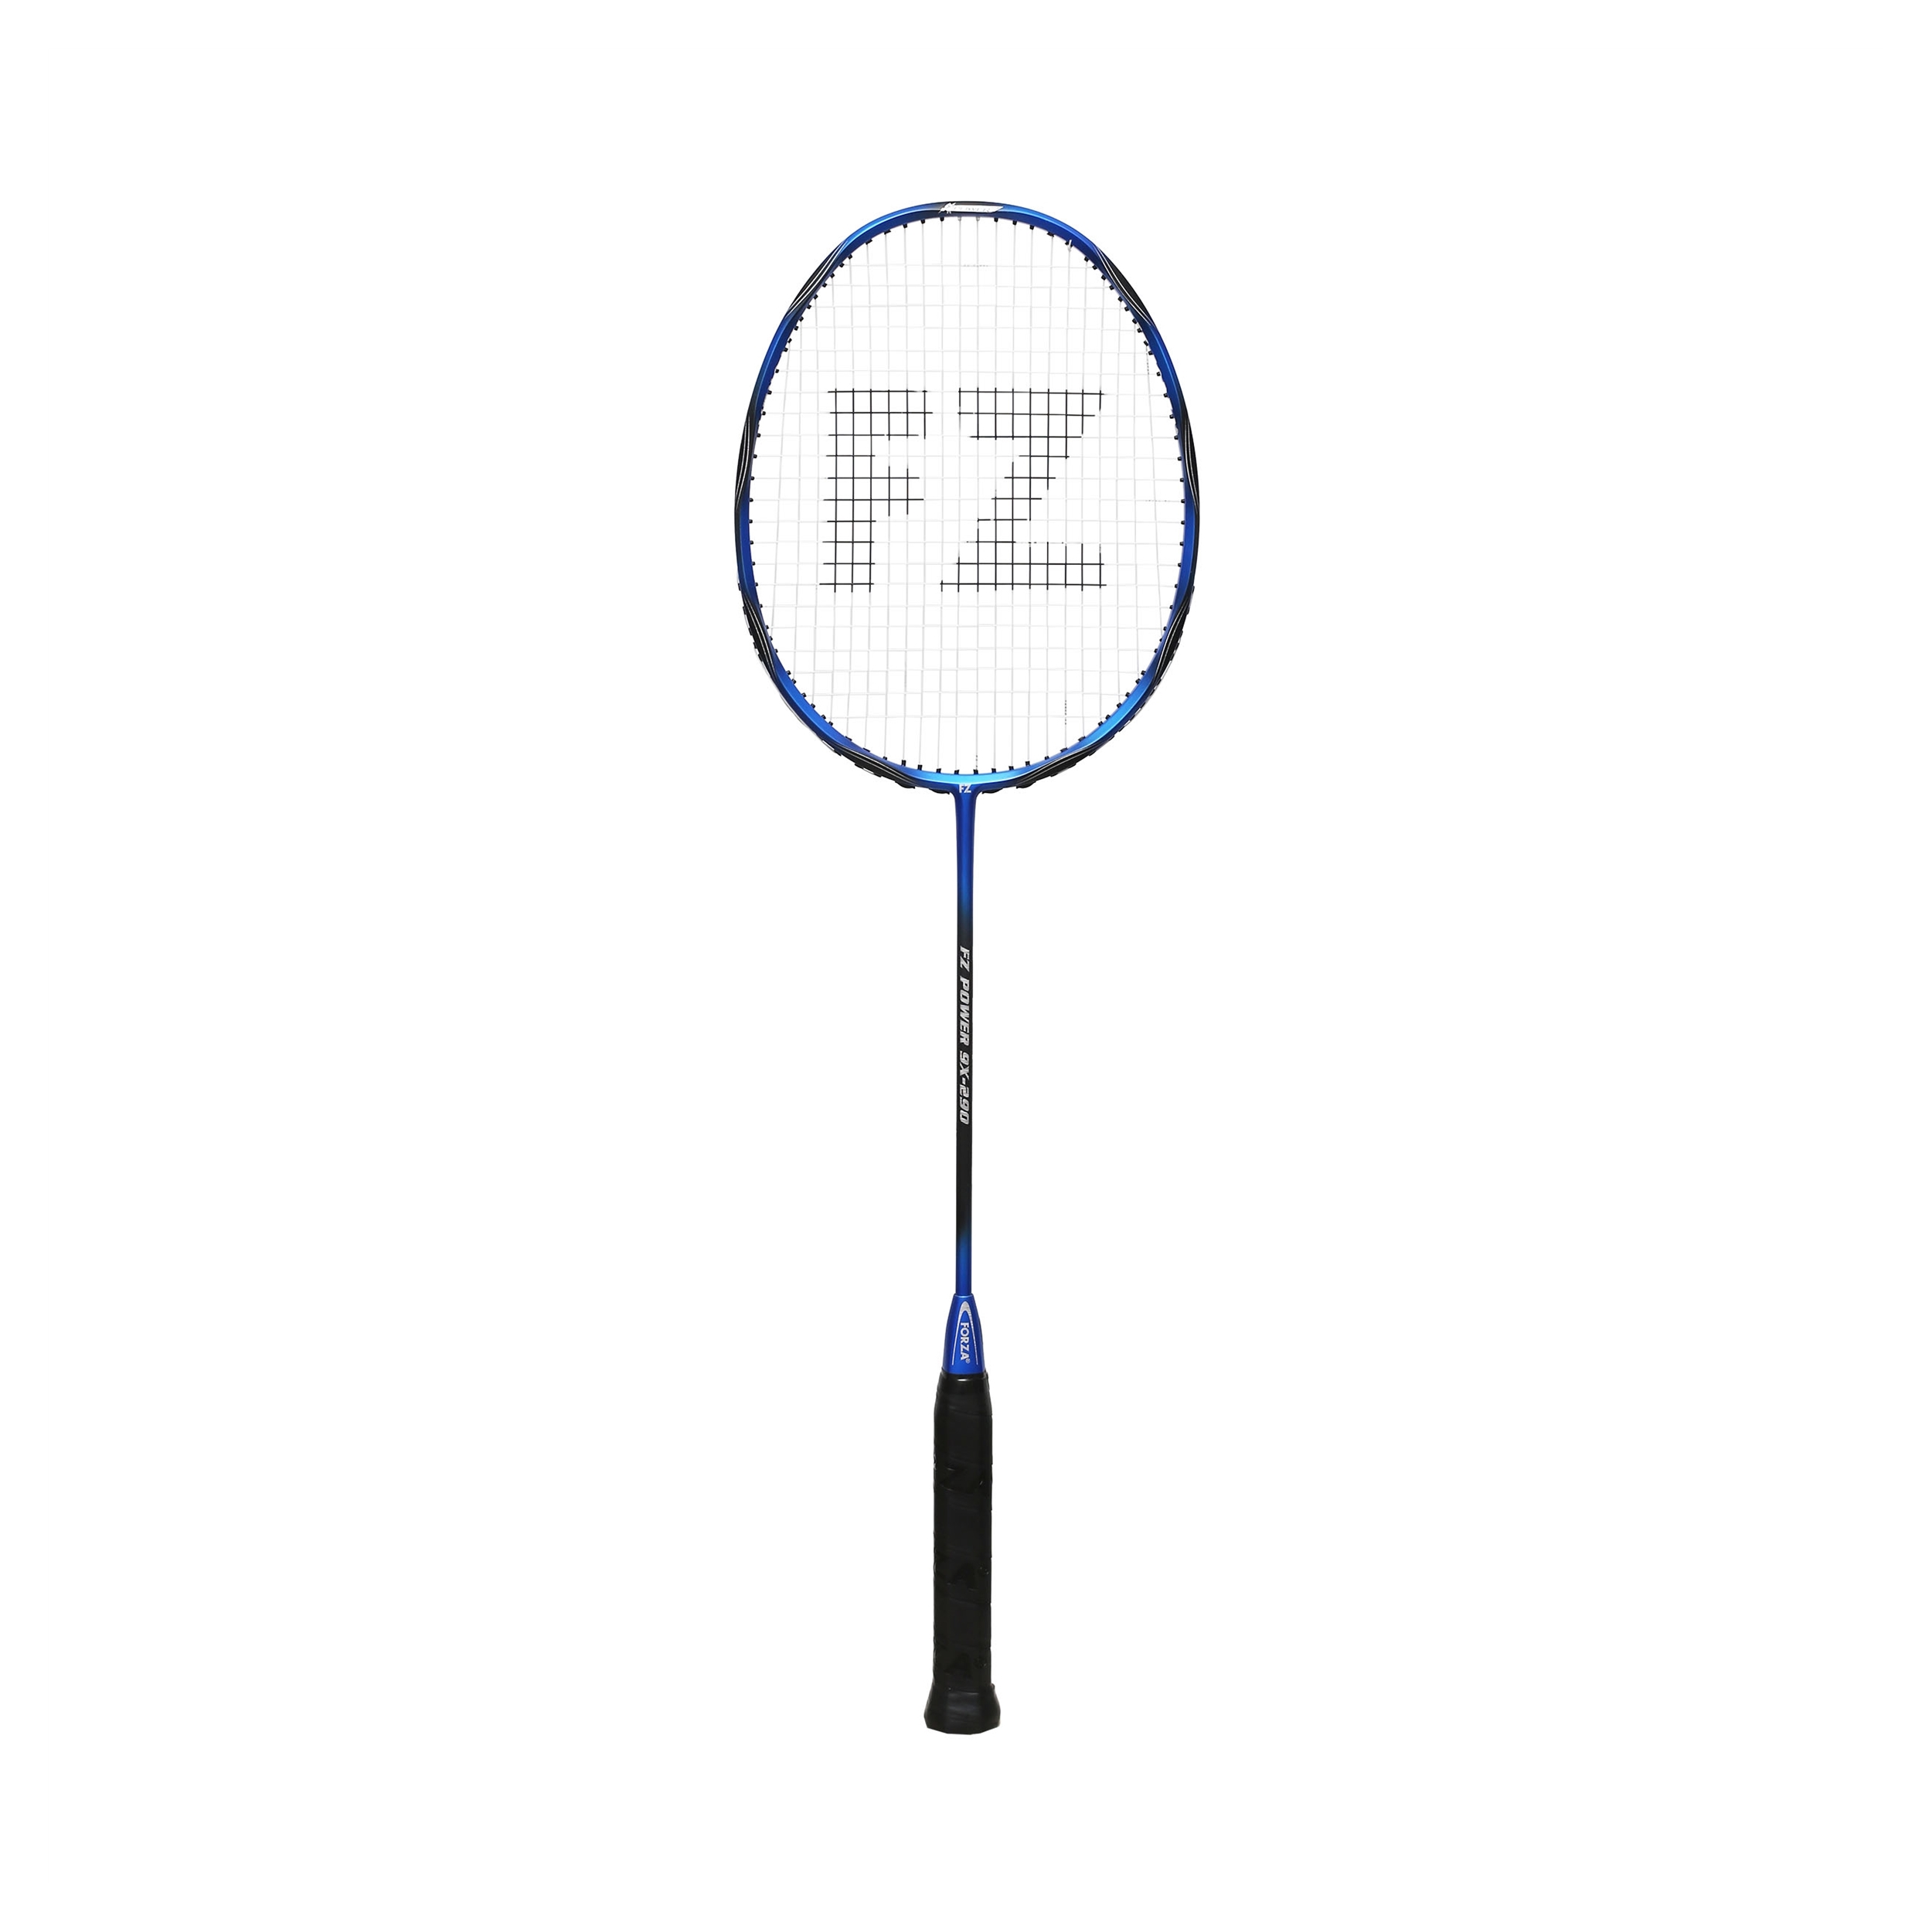 FZ Forza Power 9x-290